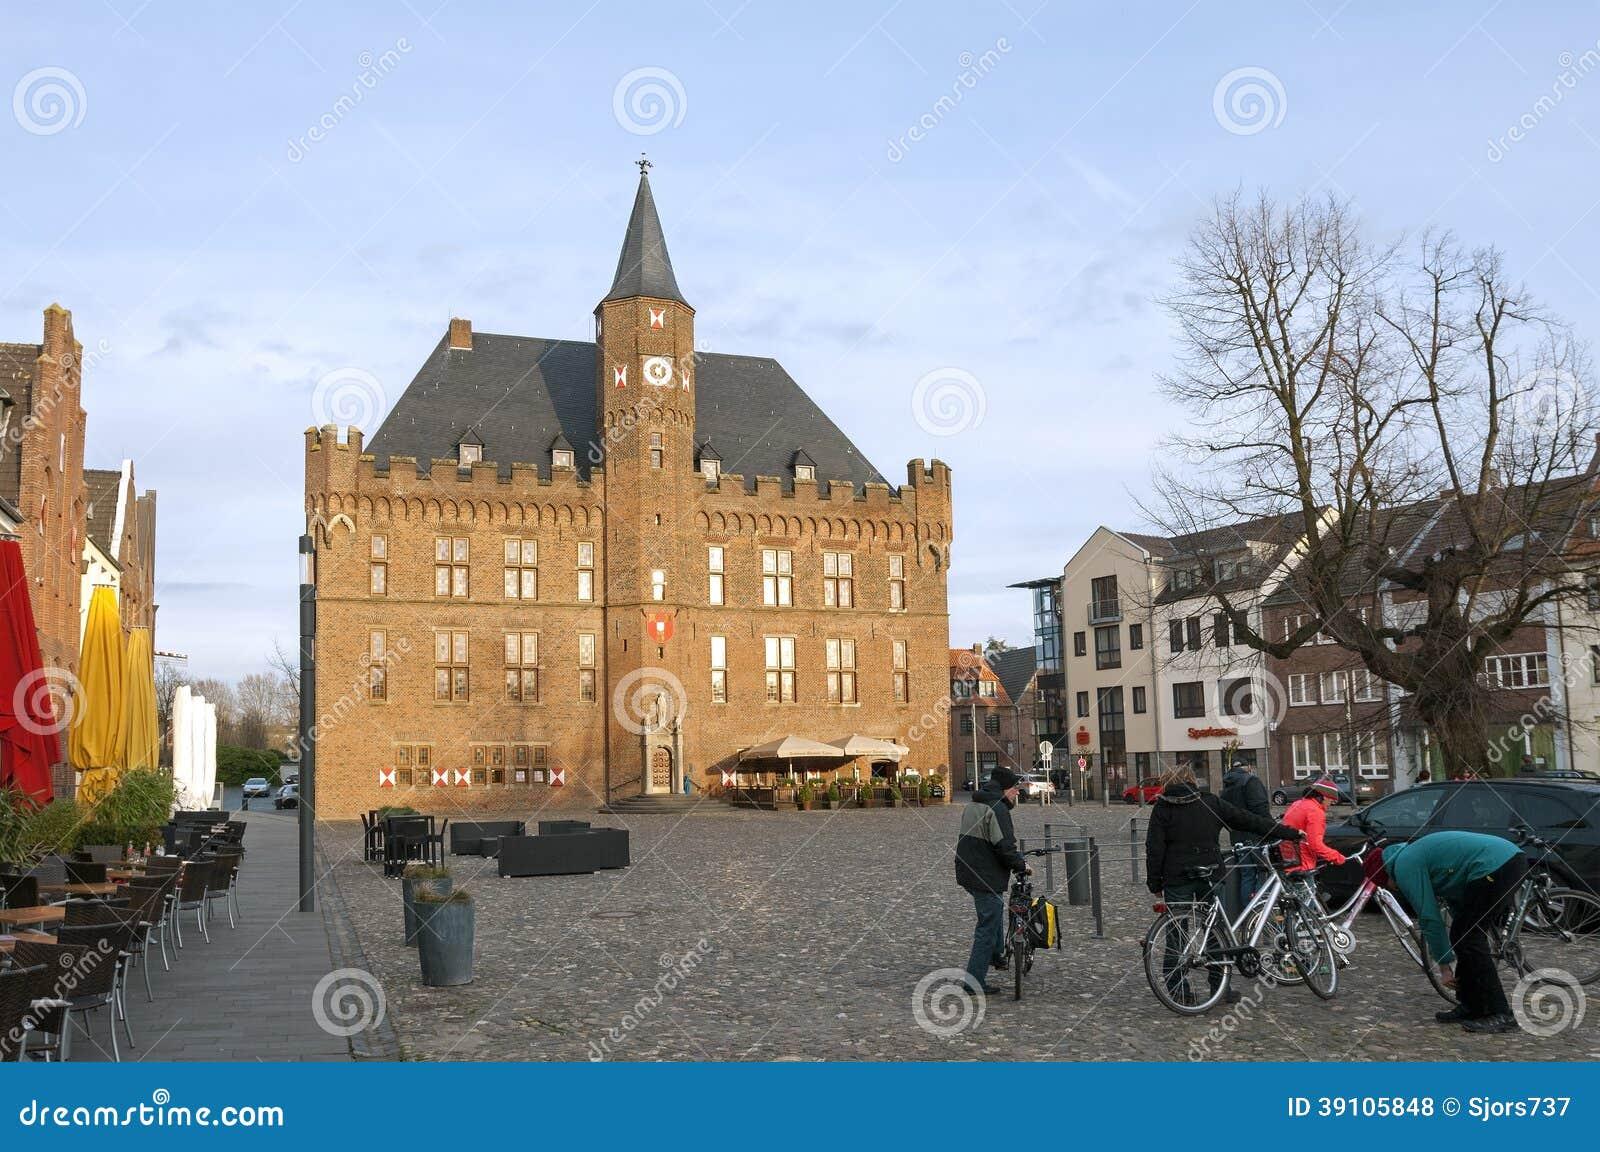 Stadhuis op marktvierkant, Kalkar, Duitsland